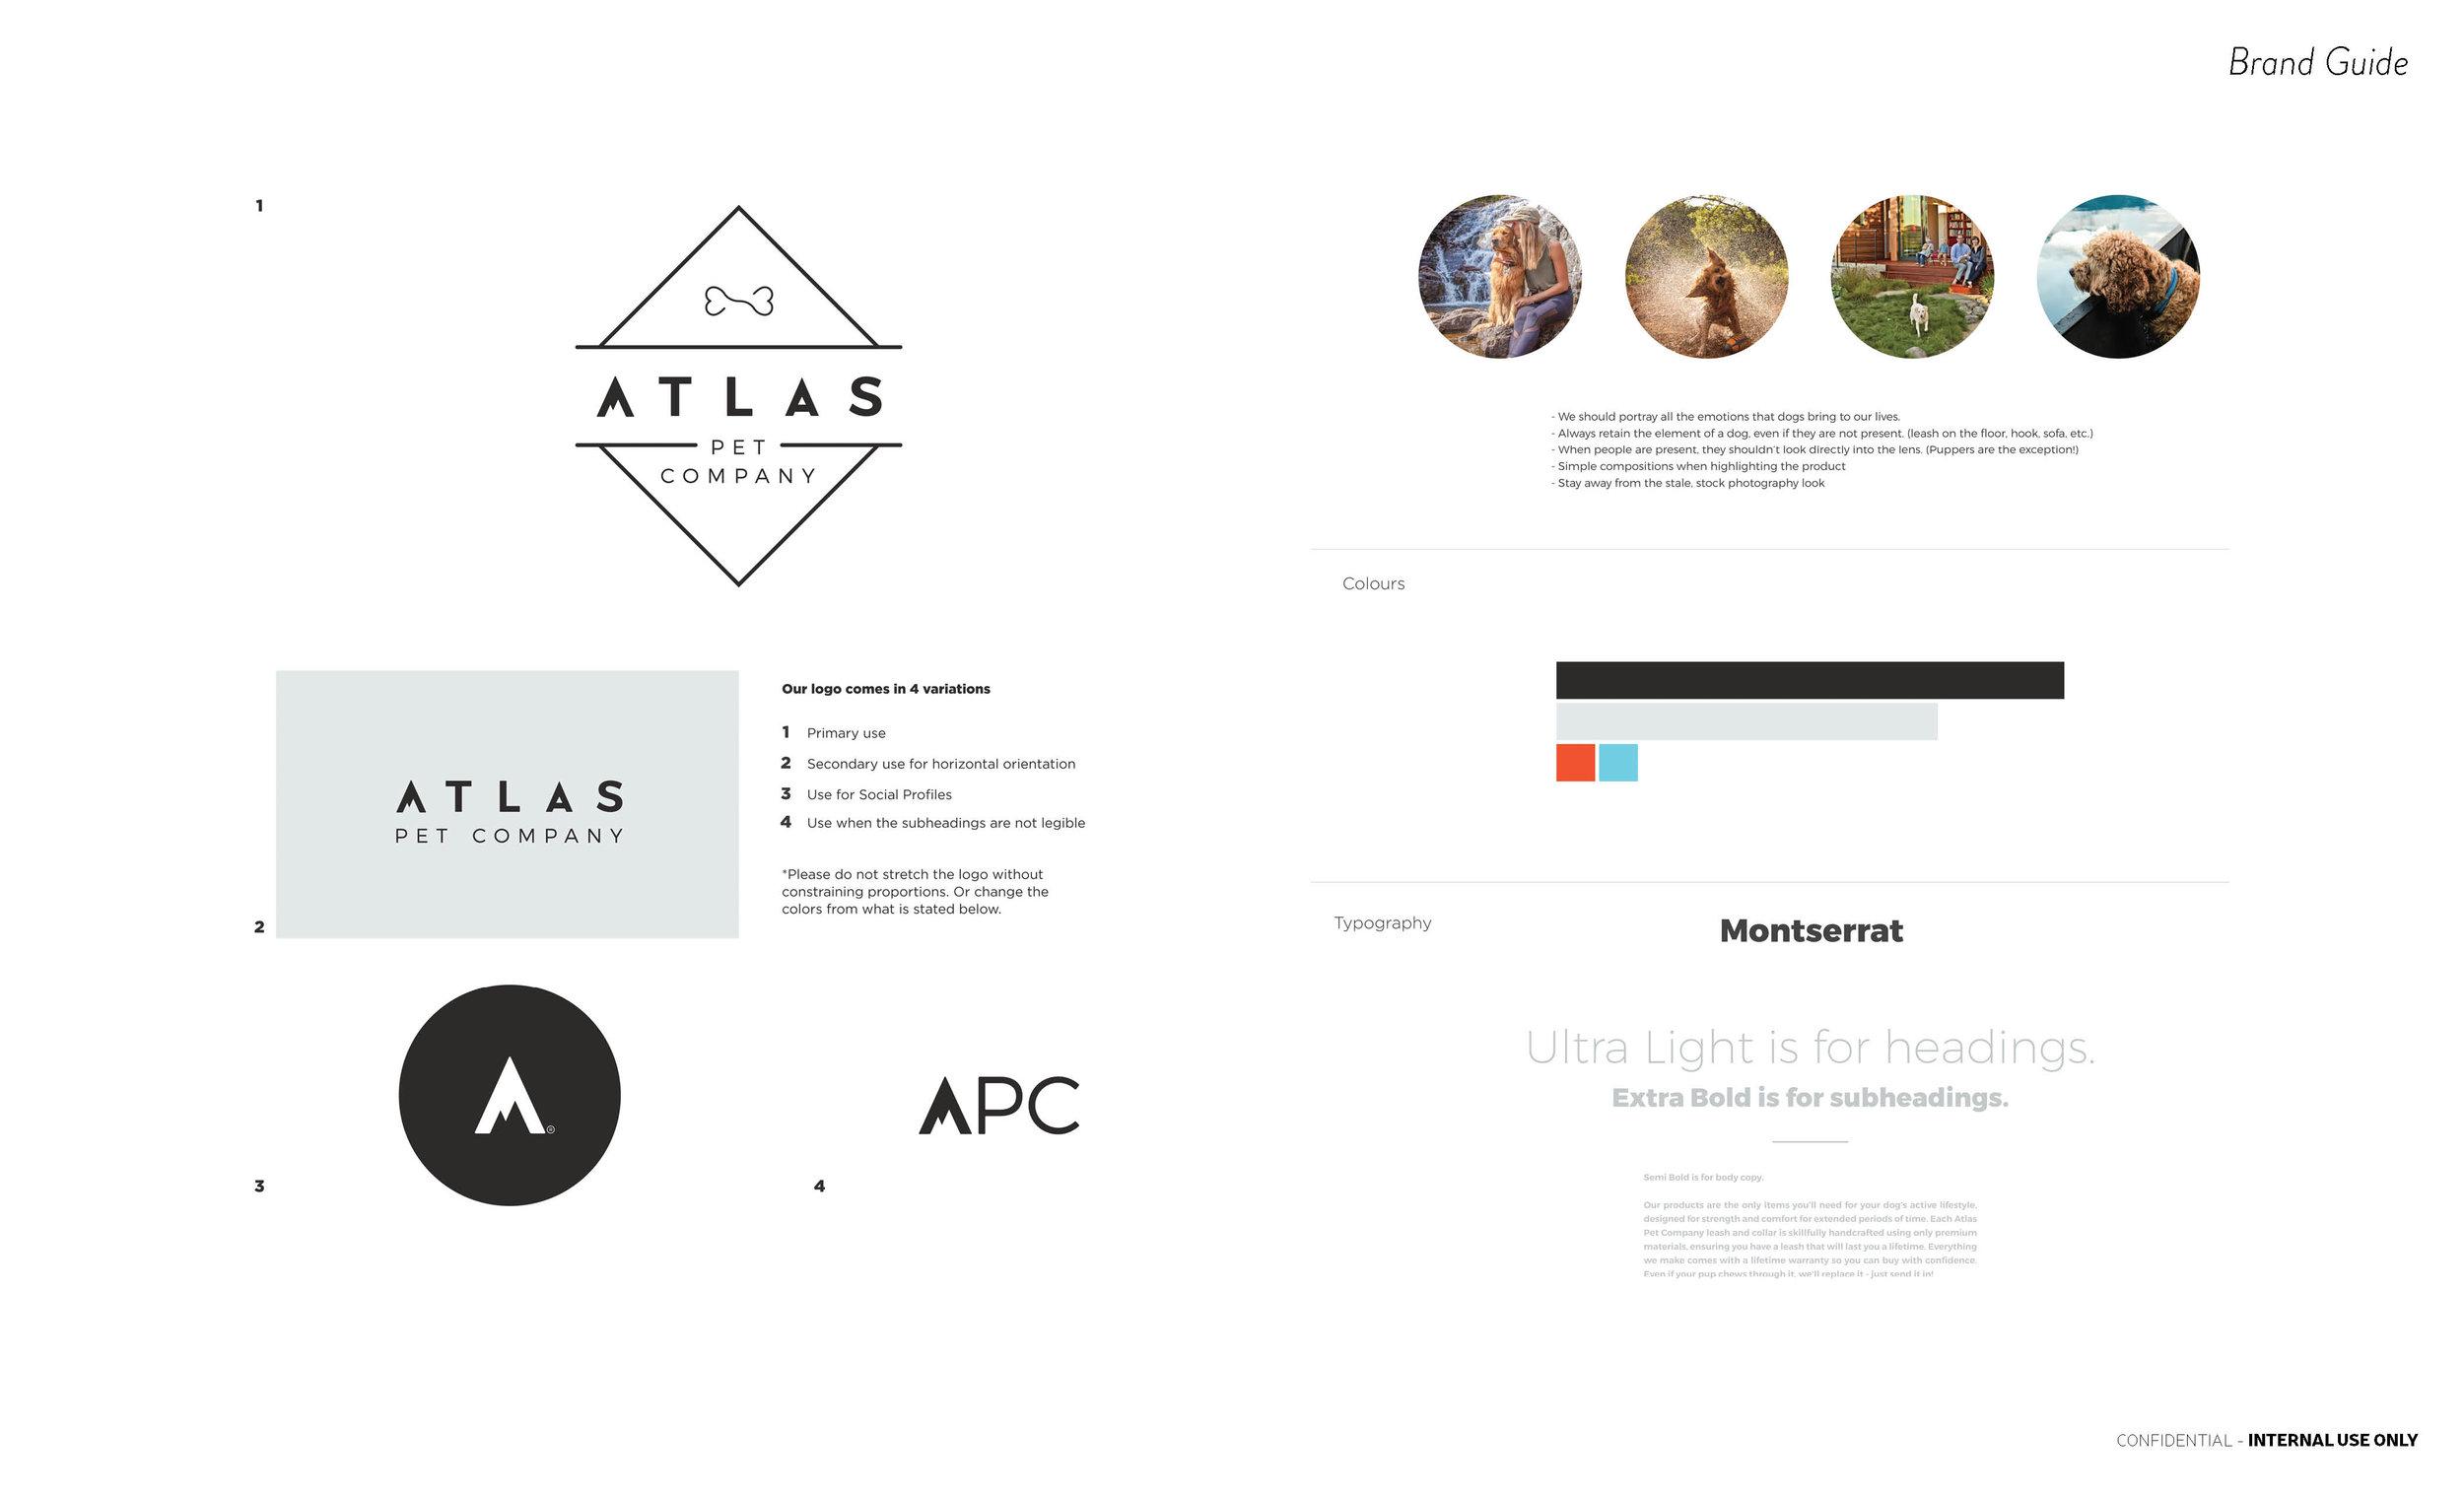 AtlasPetCo-Visual_ID-1-18-18-r3v28.jpg